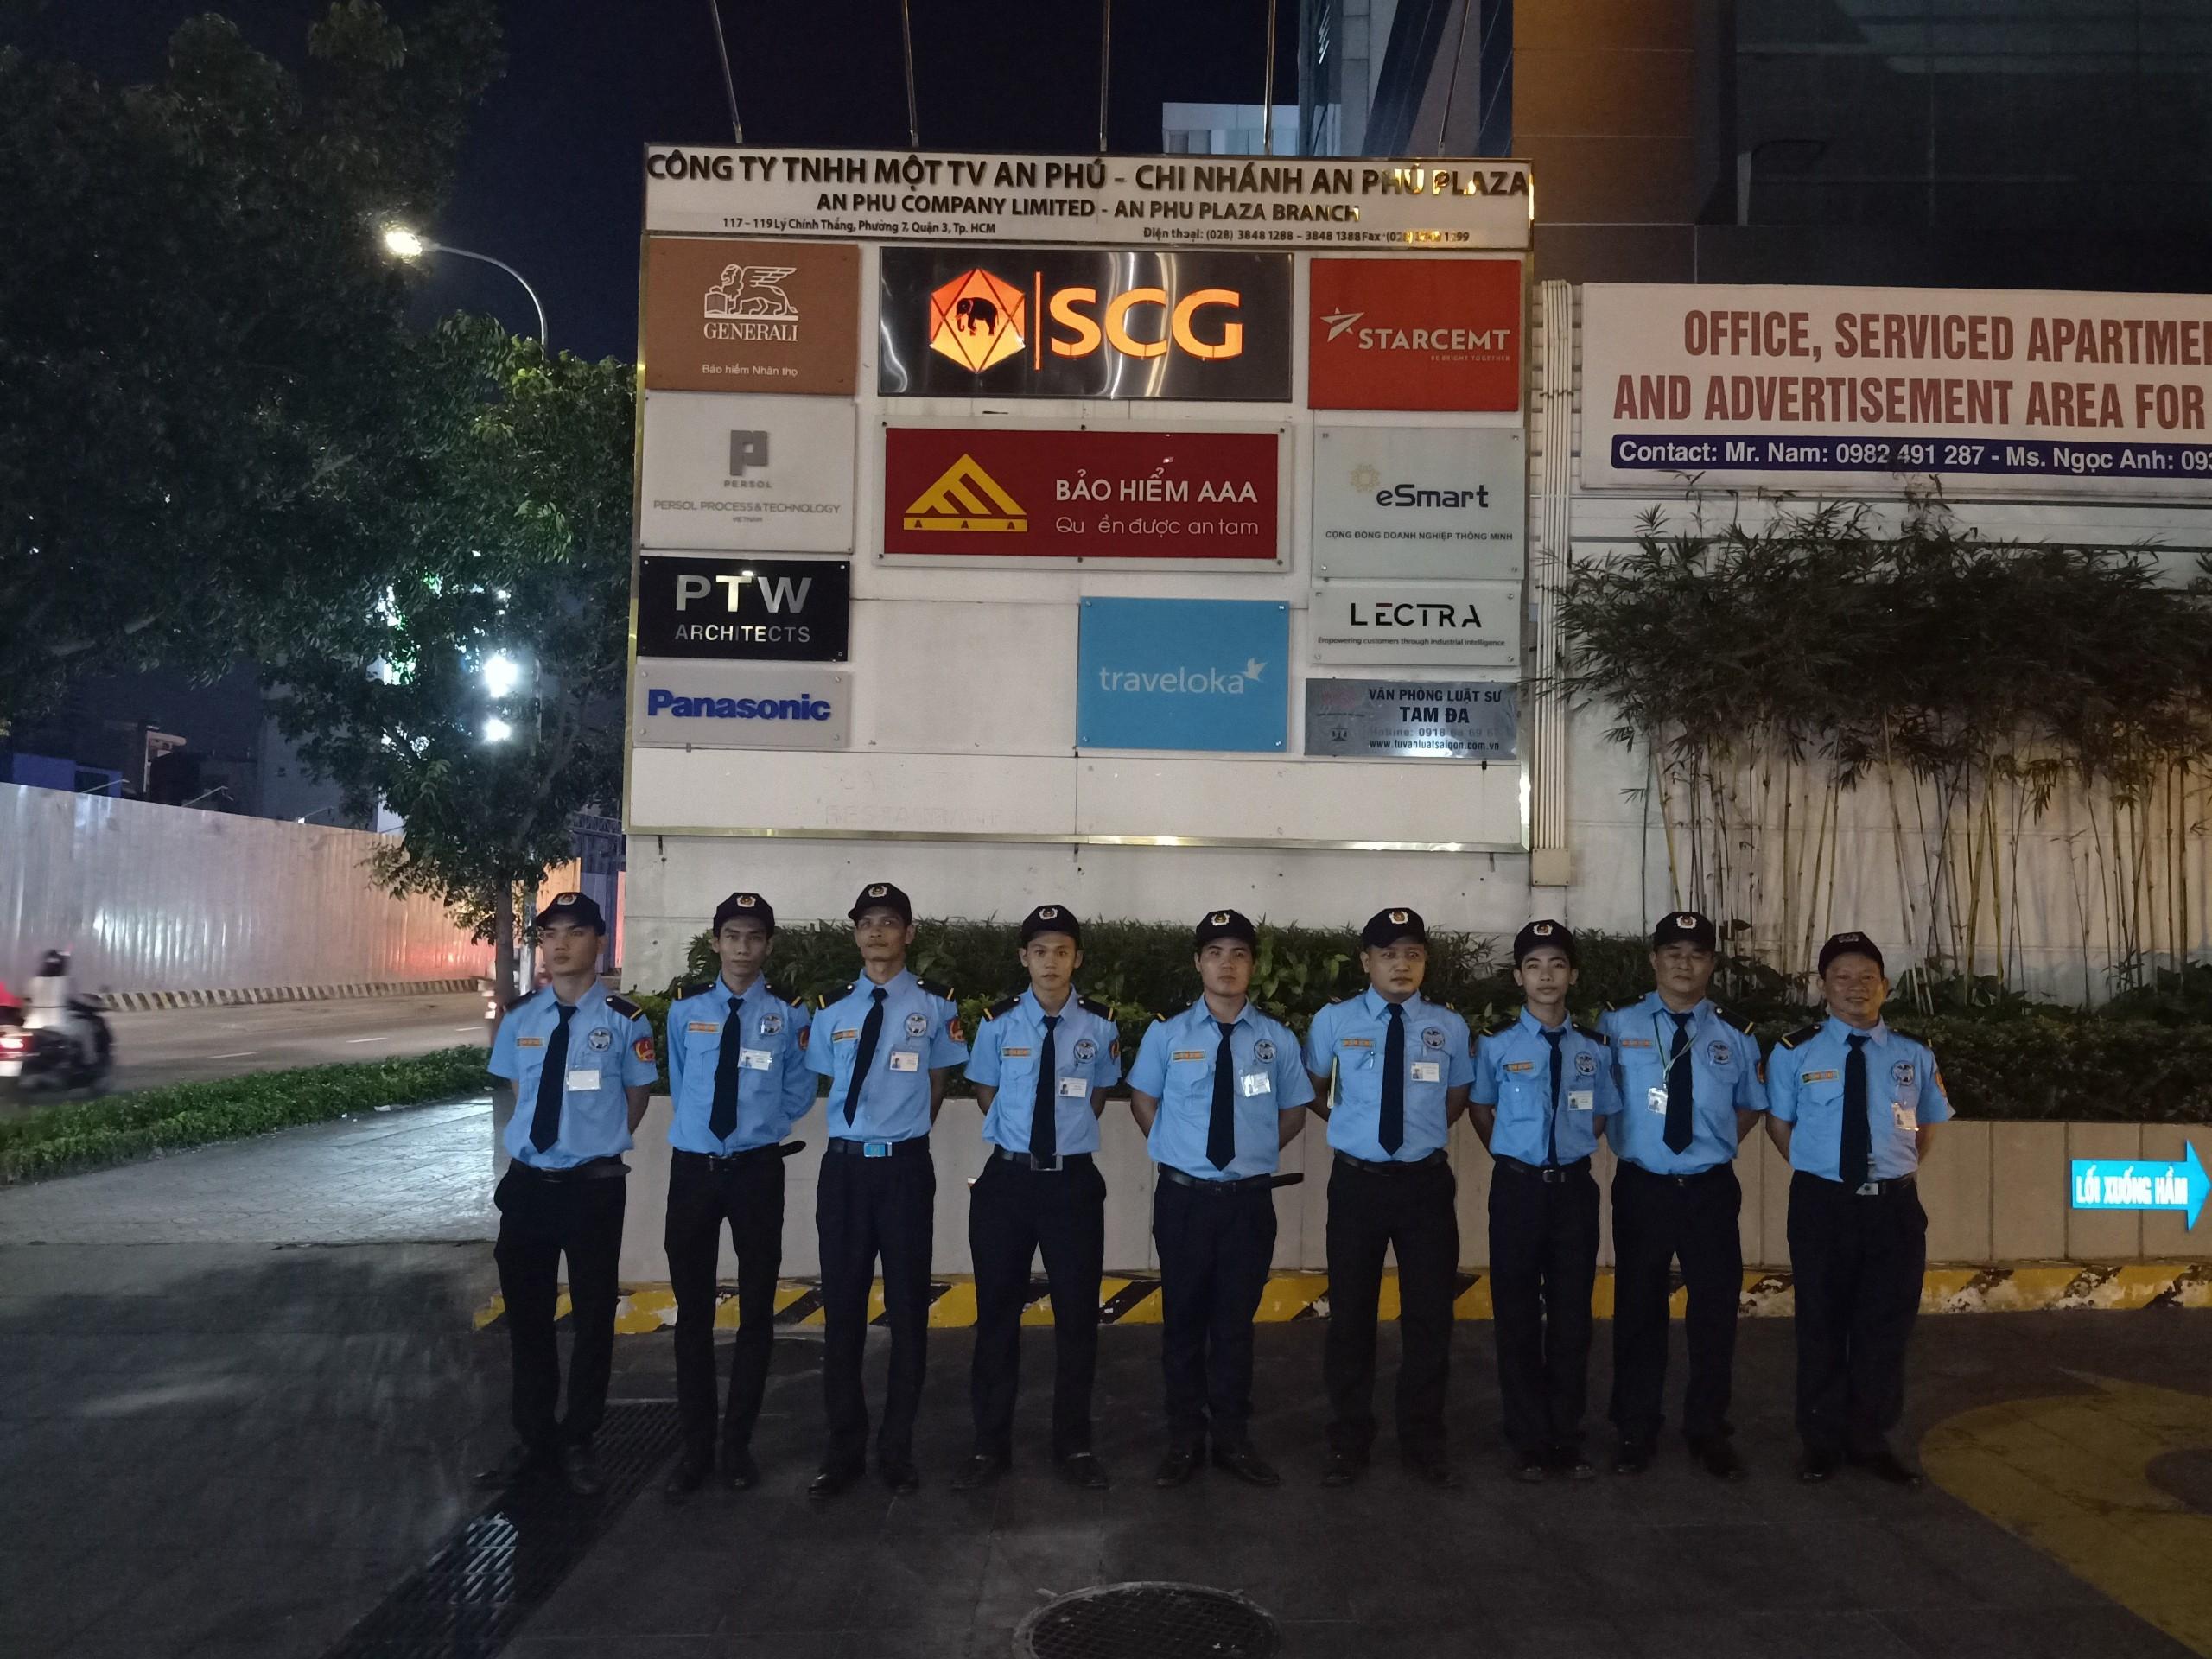 Bảo vệ chuyên nghiệp Đắk Lắk 24h giá rẻ